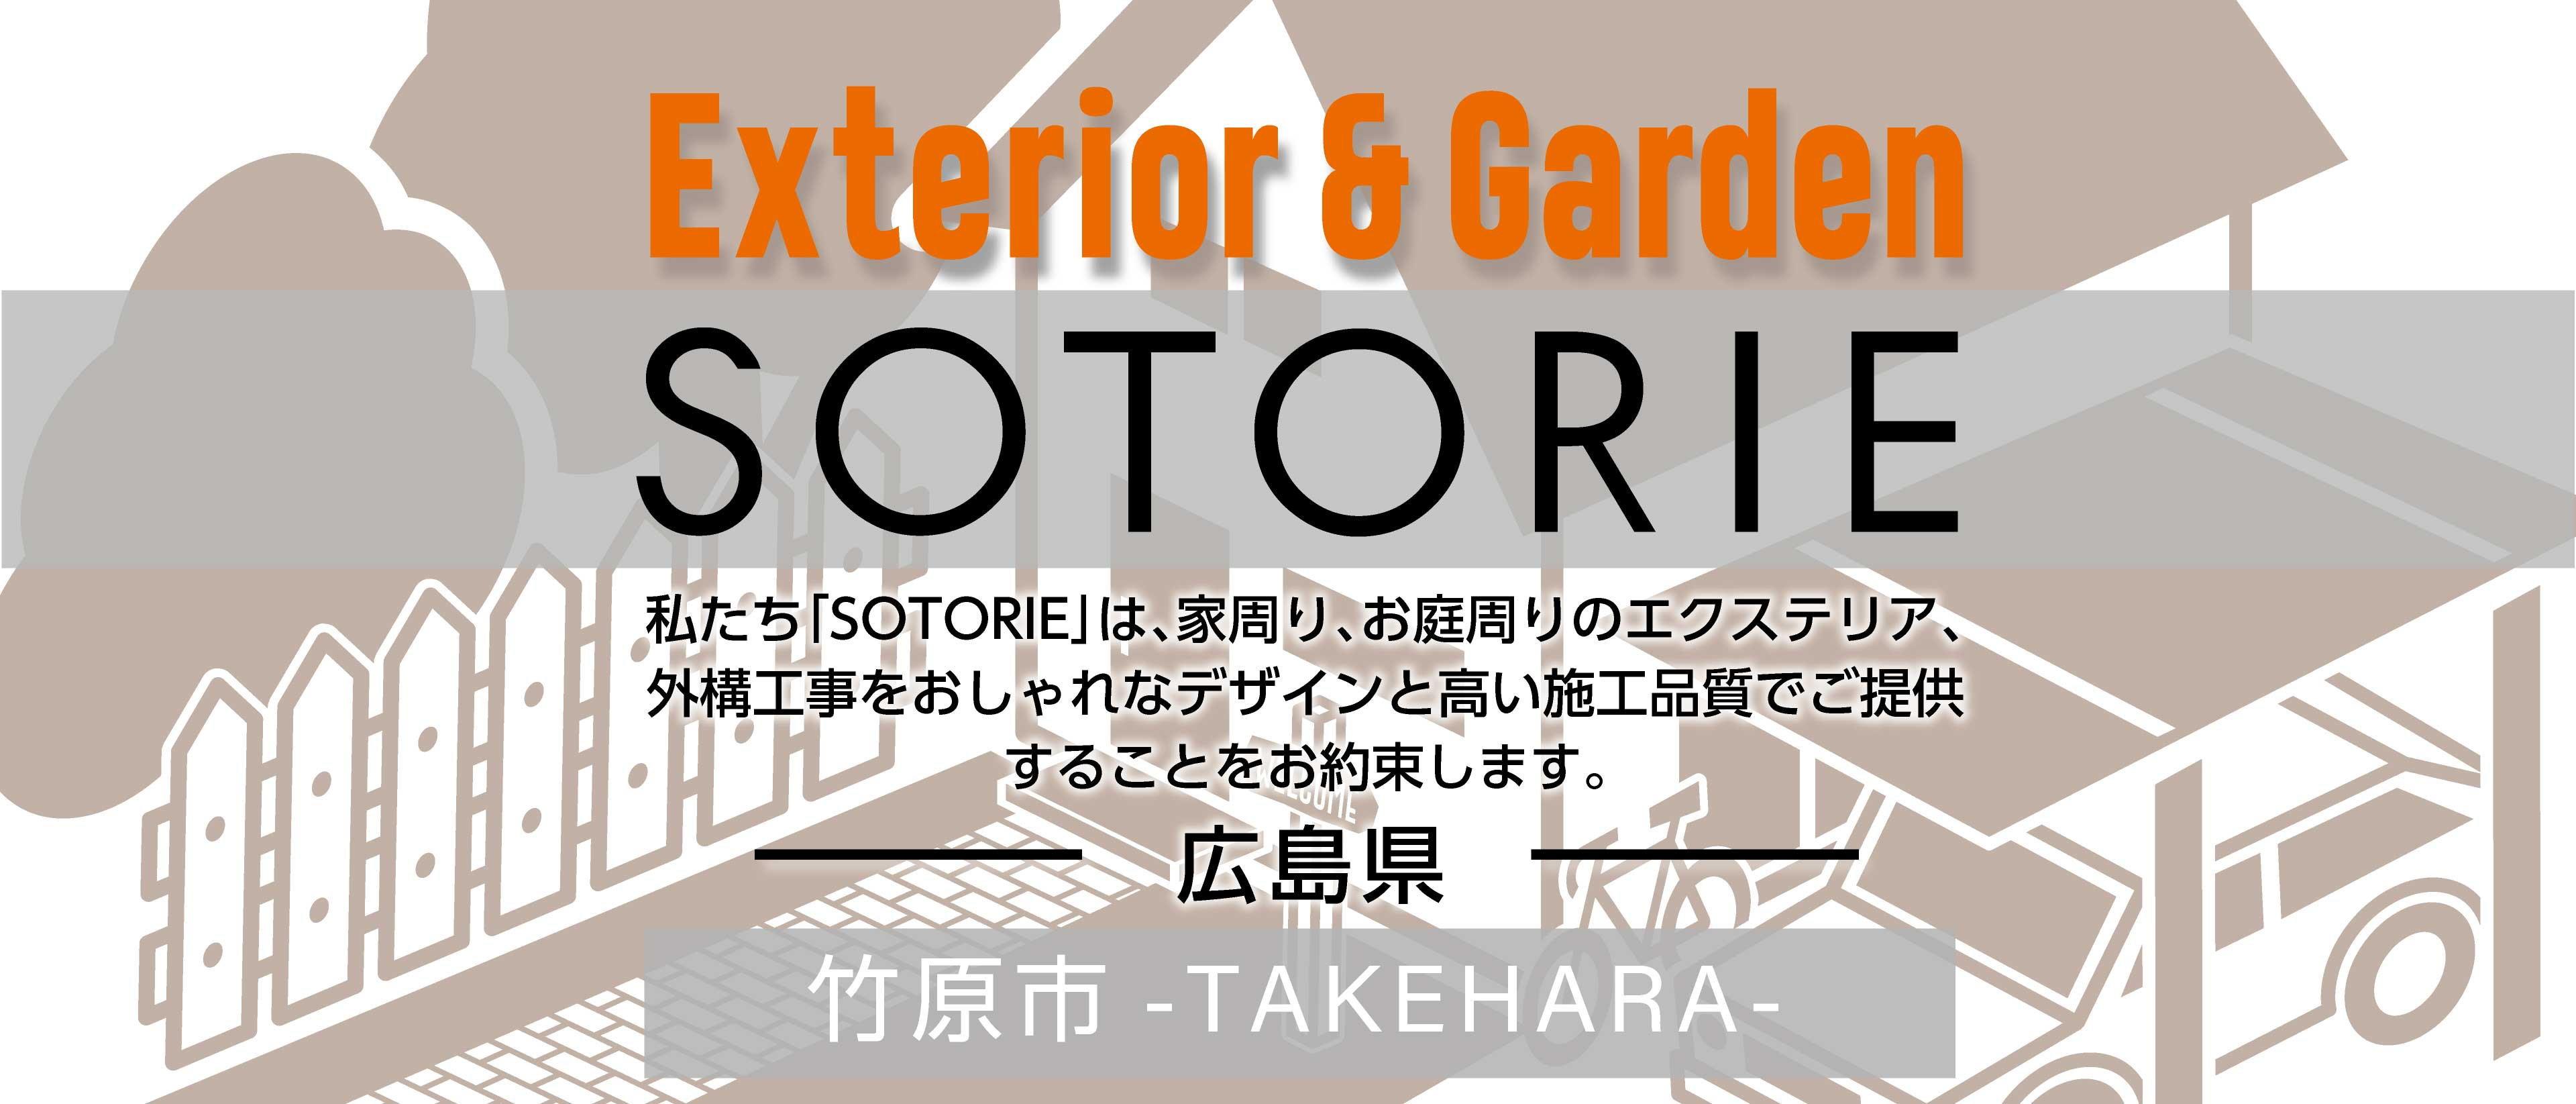 ソトリエ竹原市では、家周りと庭周りの外構、エクステリア工事をおしゃれなデザインと高い施工品質でご提供することをお約束します。